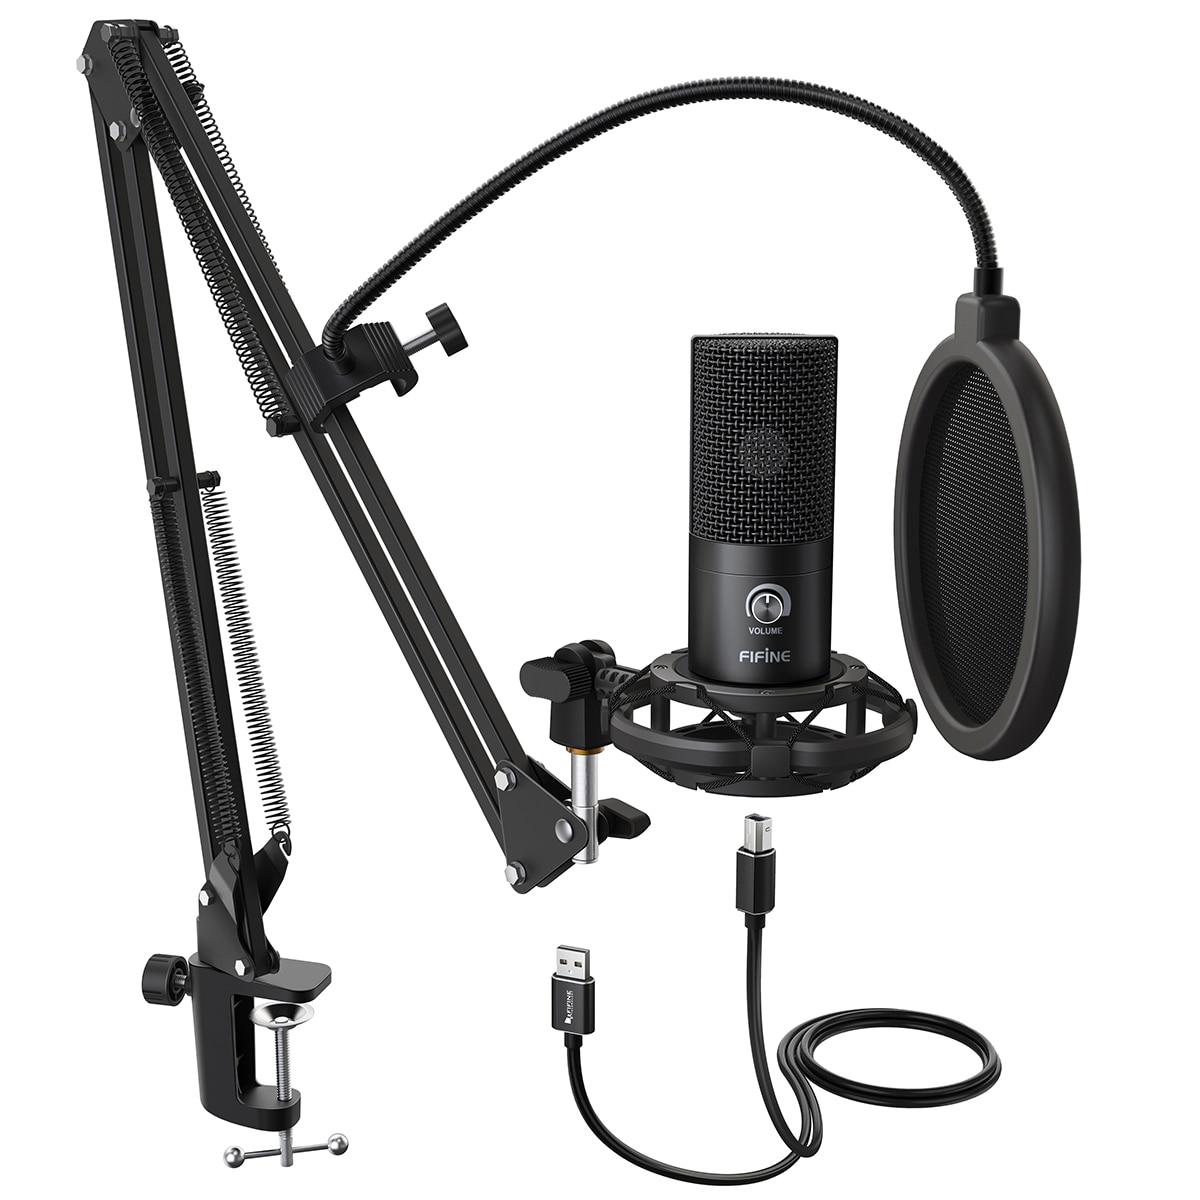 Fifine microfone de estúdio usb, kit de microfone condensador usb com tesoura ajustável, suporte de braço, montagem de choque para youtube de voz Overs-T669